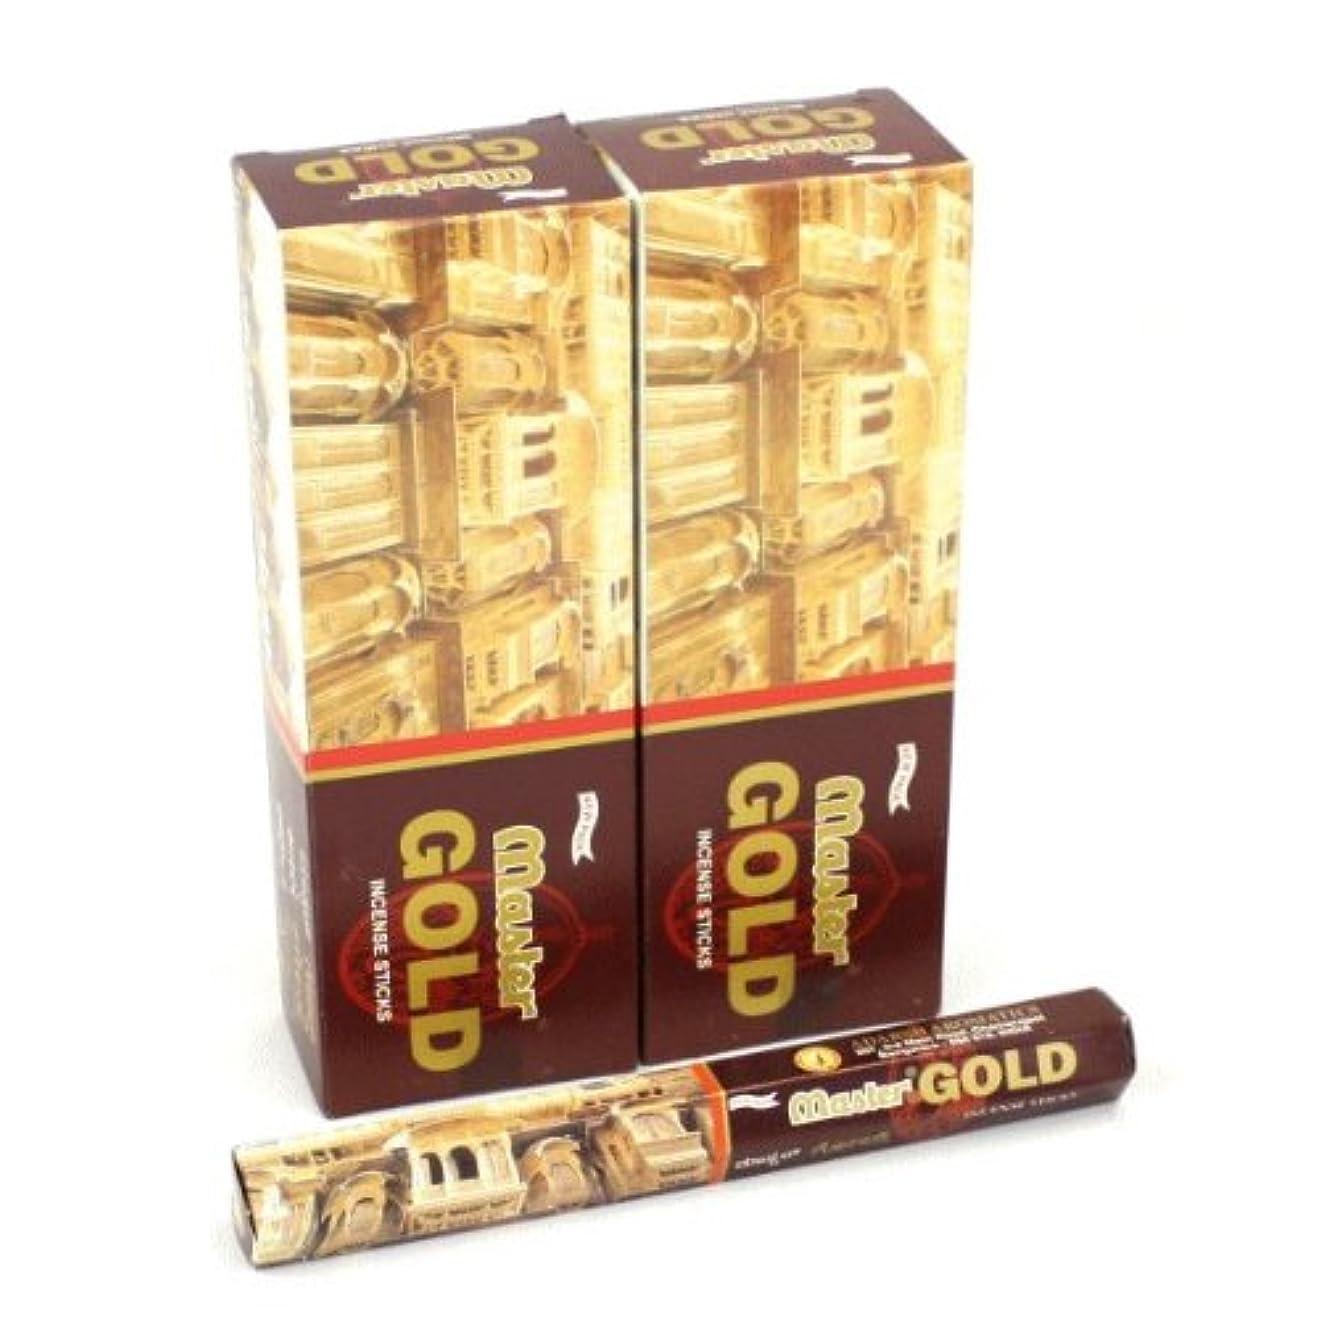 巨大な再編成するケープADARSH マスターゴールド香 スティック ヘキサパック(六角) 12箱セット MASTER GOLD